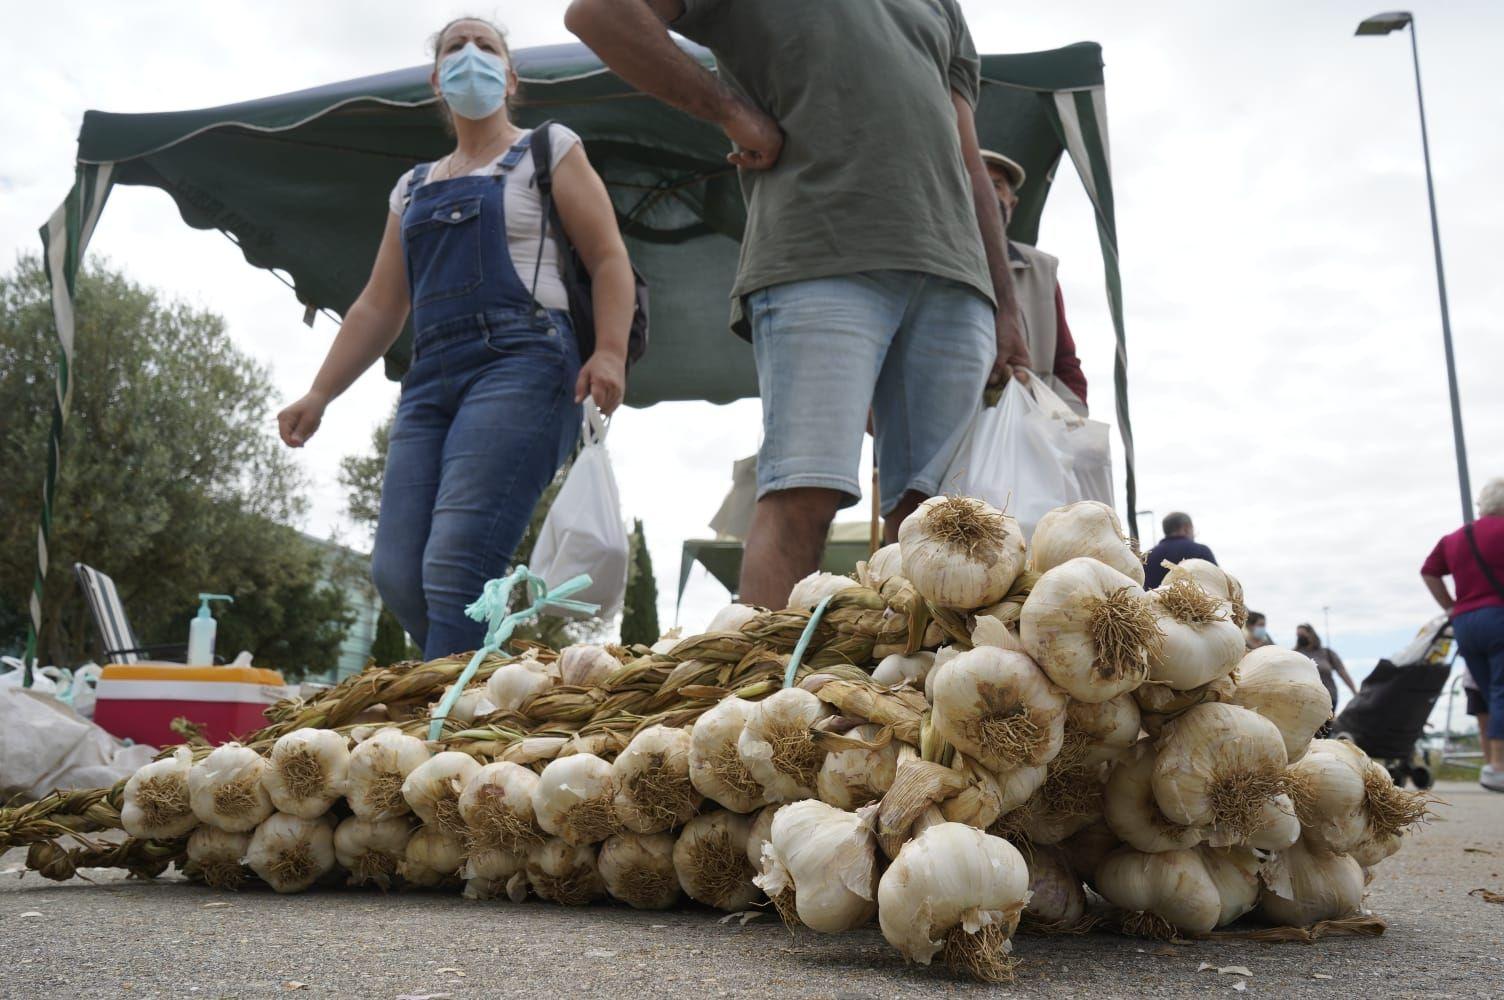 GALERÍA | La Feria del Ajo triunfa en Zamora: buena producción y colas para llegar a Ifeza